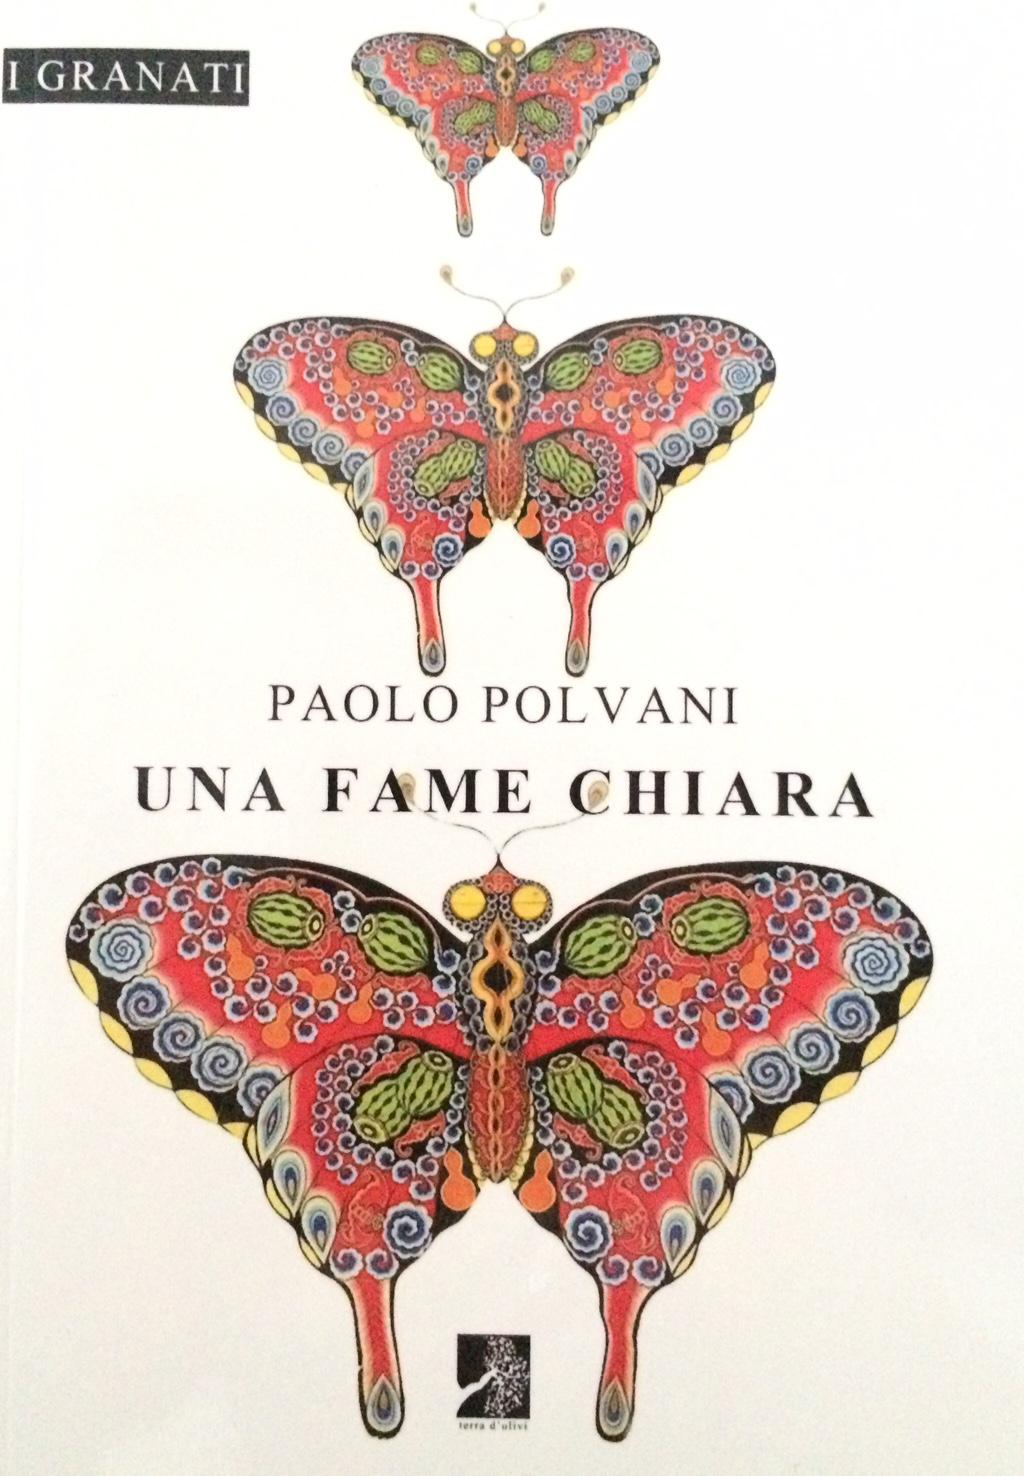 Una fame chiara – Paolo Polvani